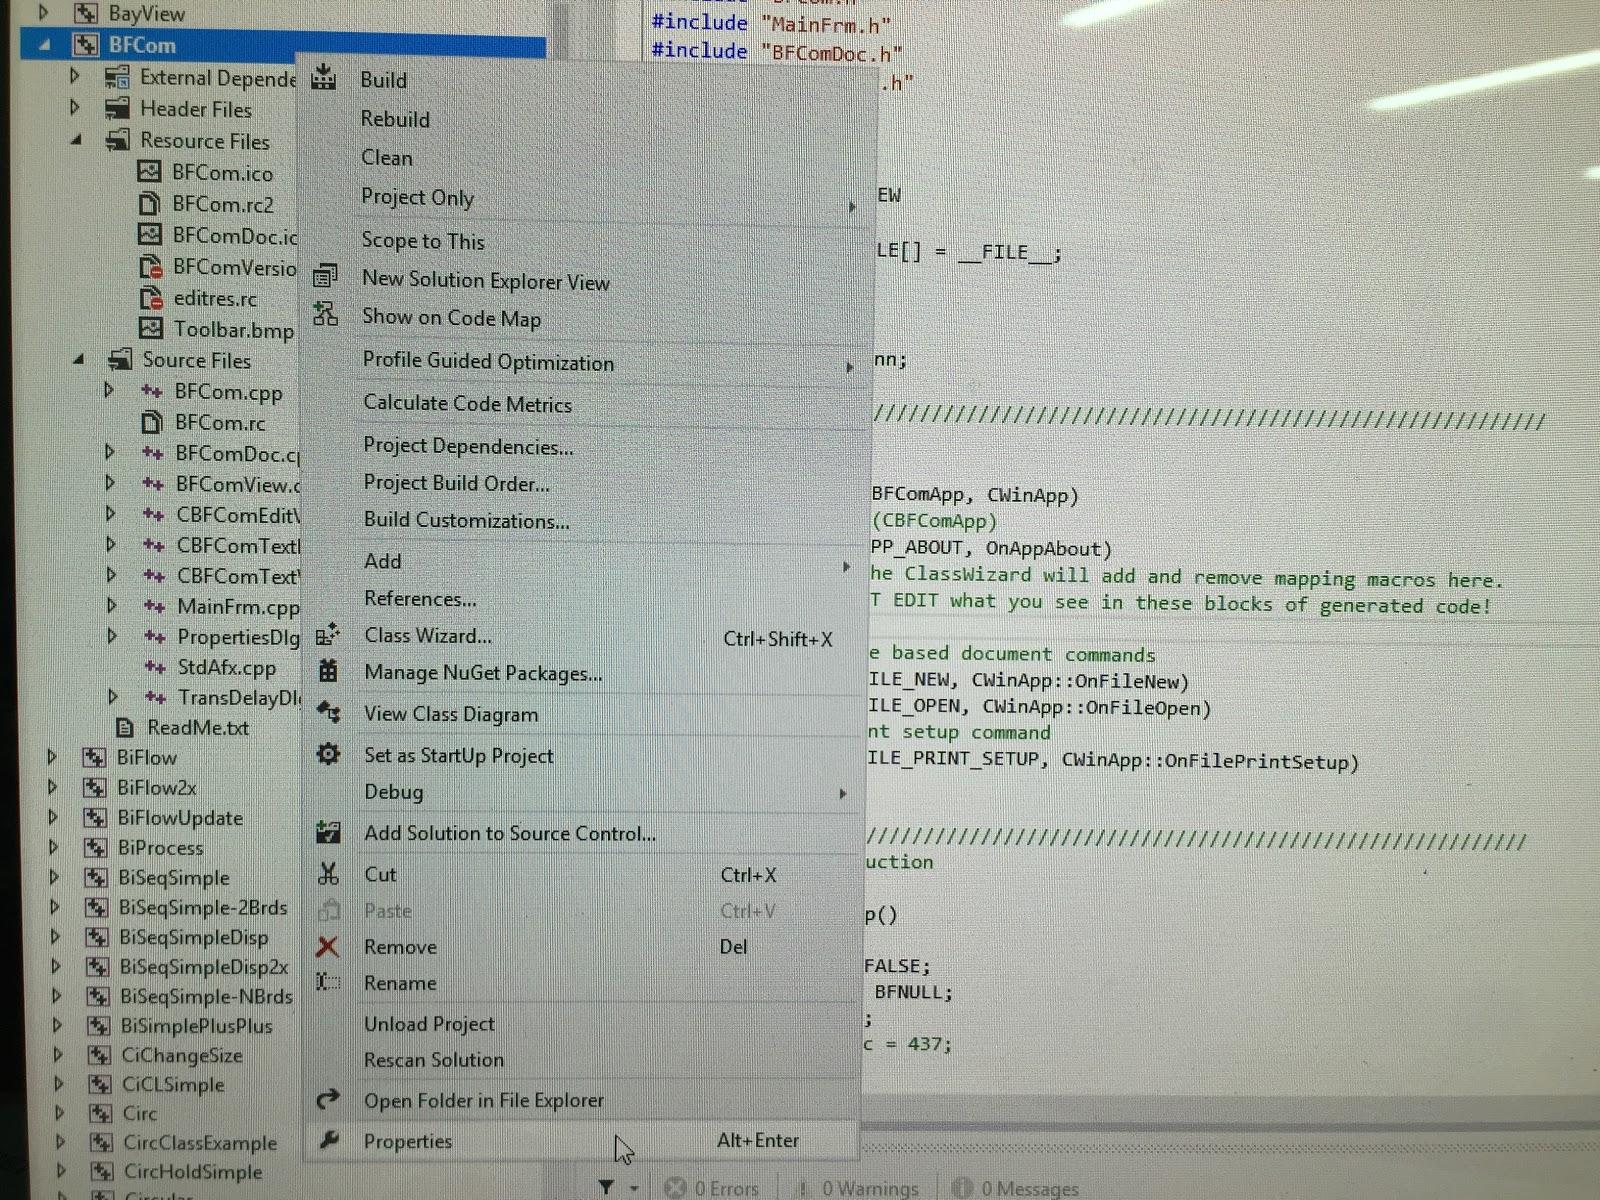 visual studio 2017 install v120 build tools